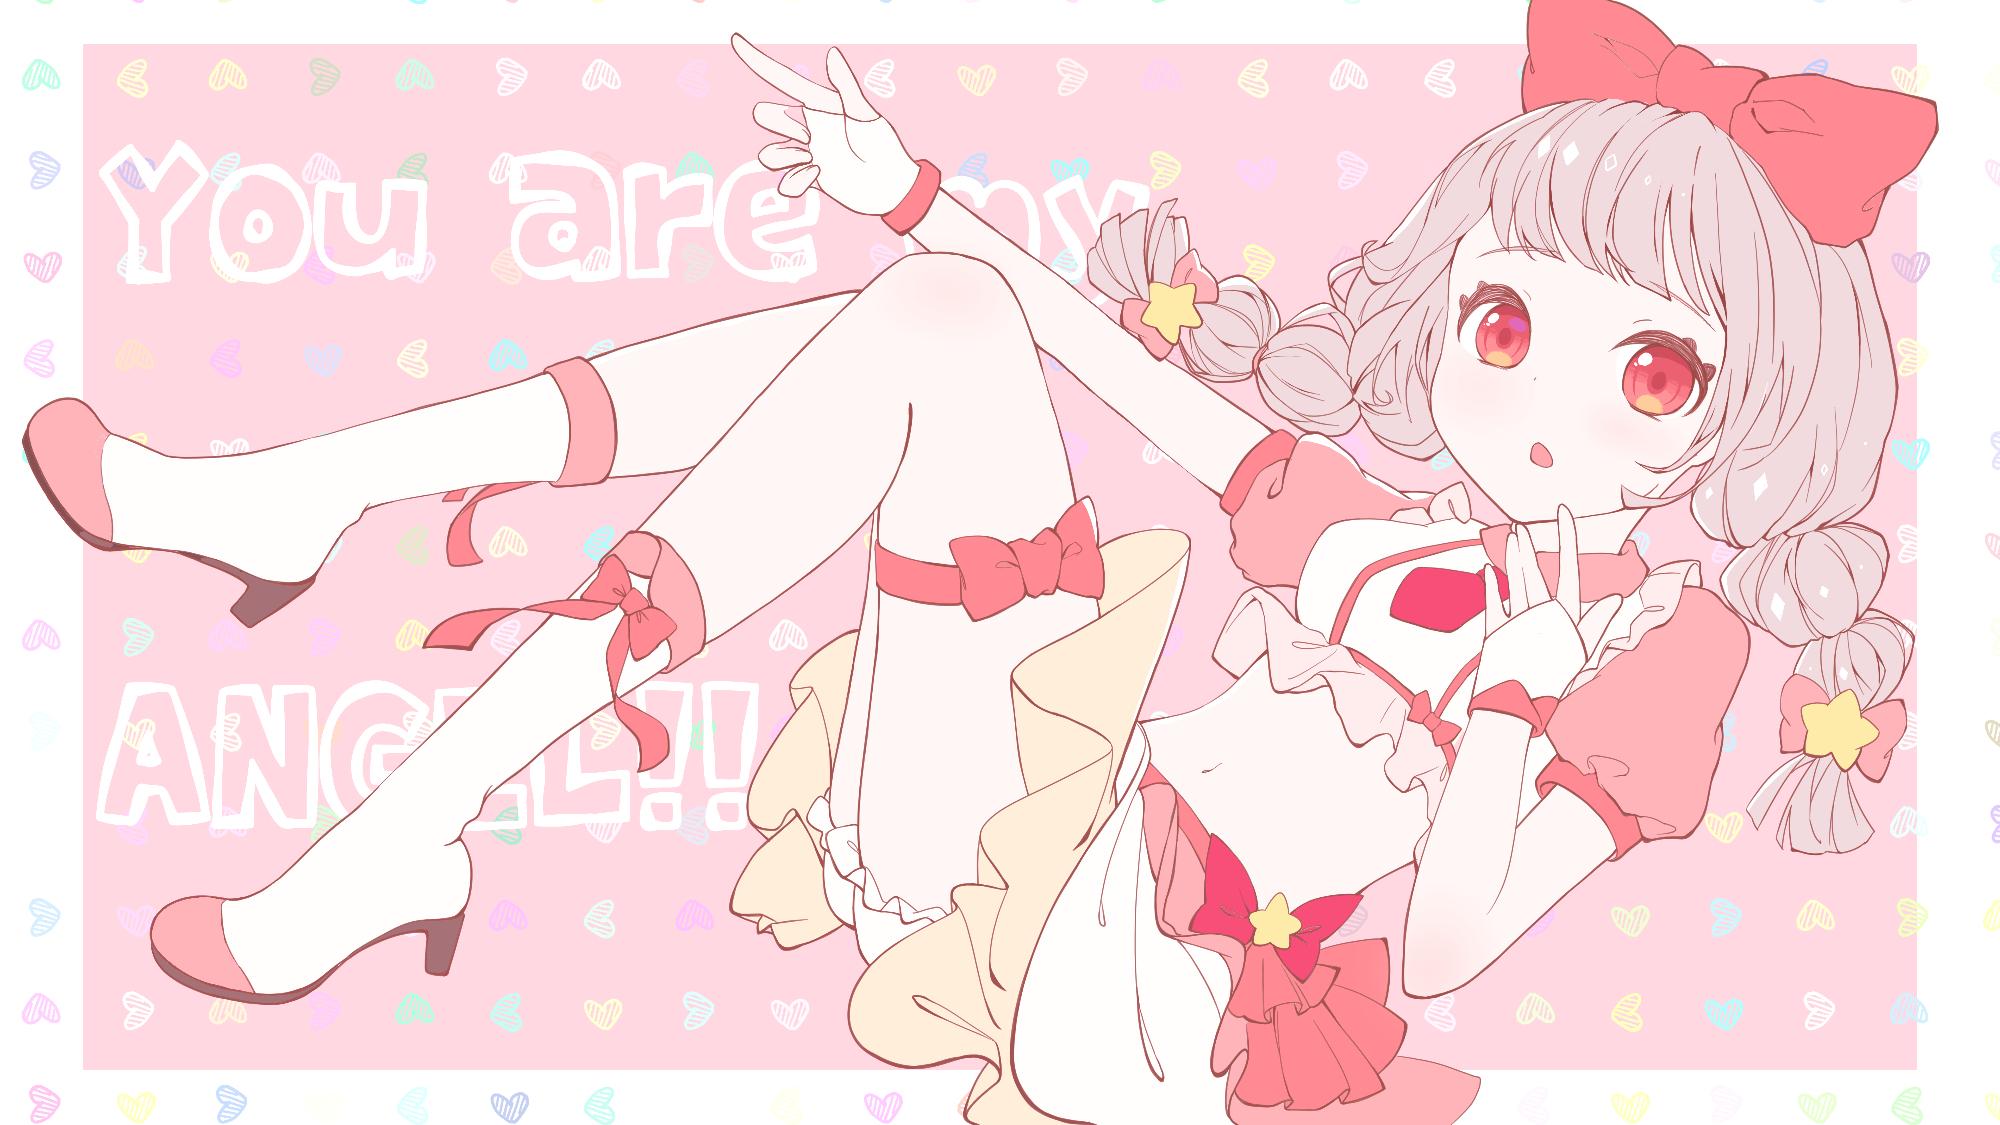 【翻唱/手书】☆糖依的偶像宣言☆私、アイドル宣言